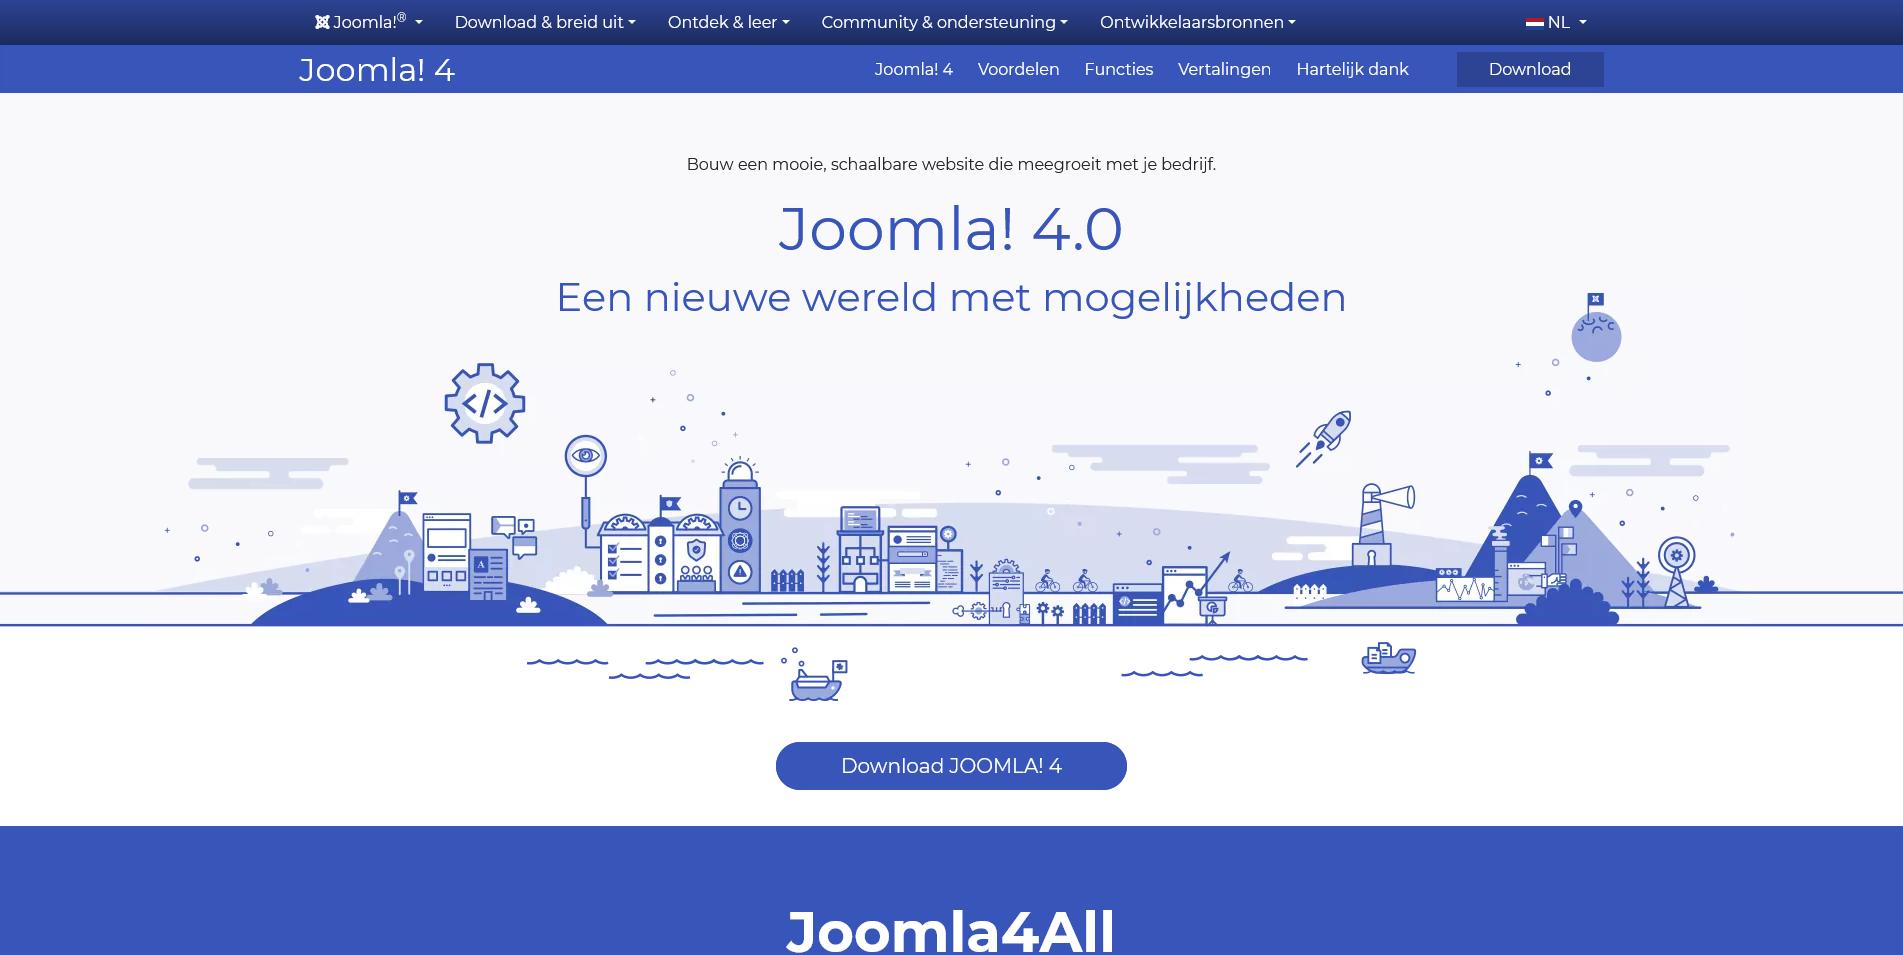 Joomla 4 swiper